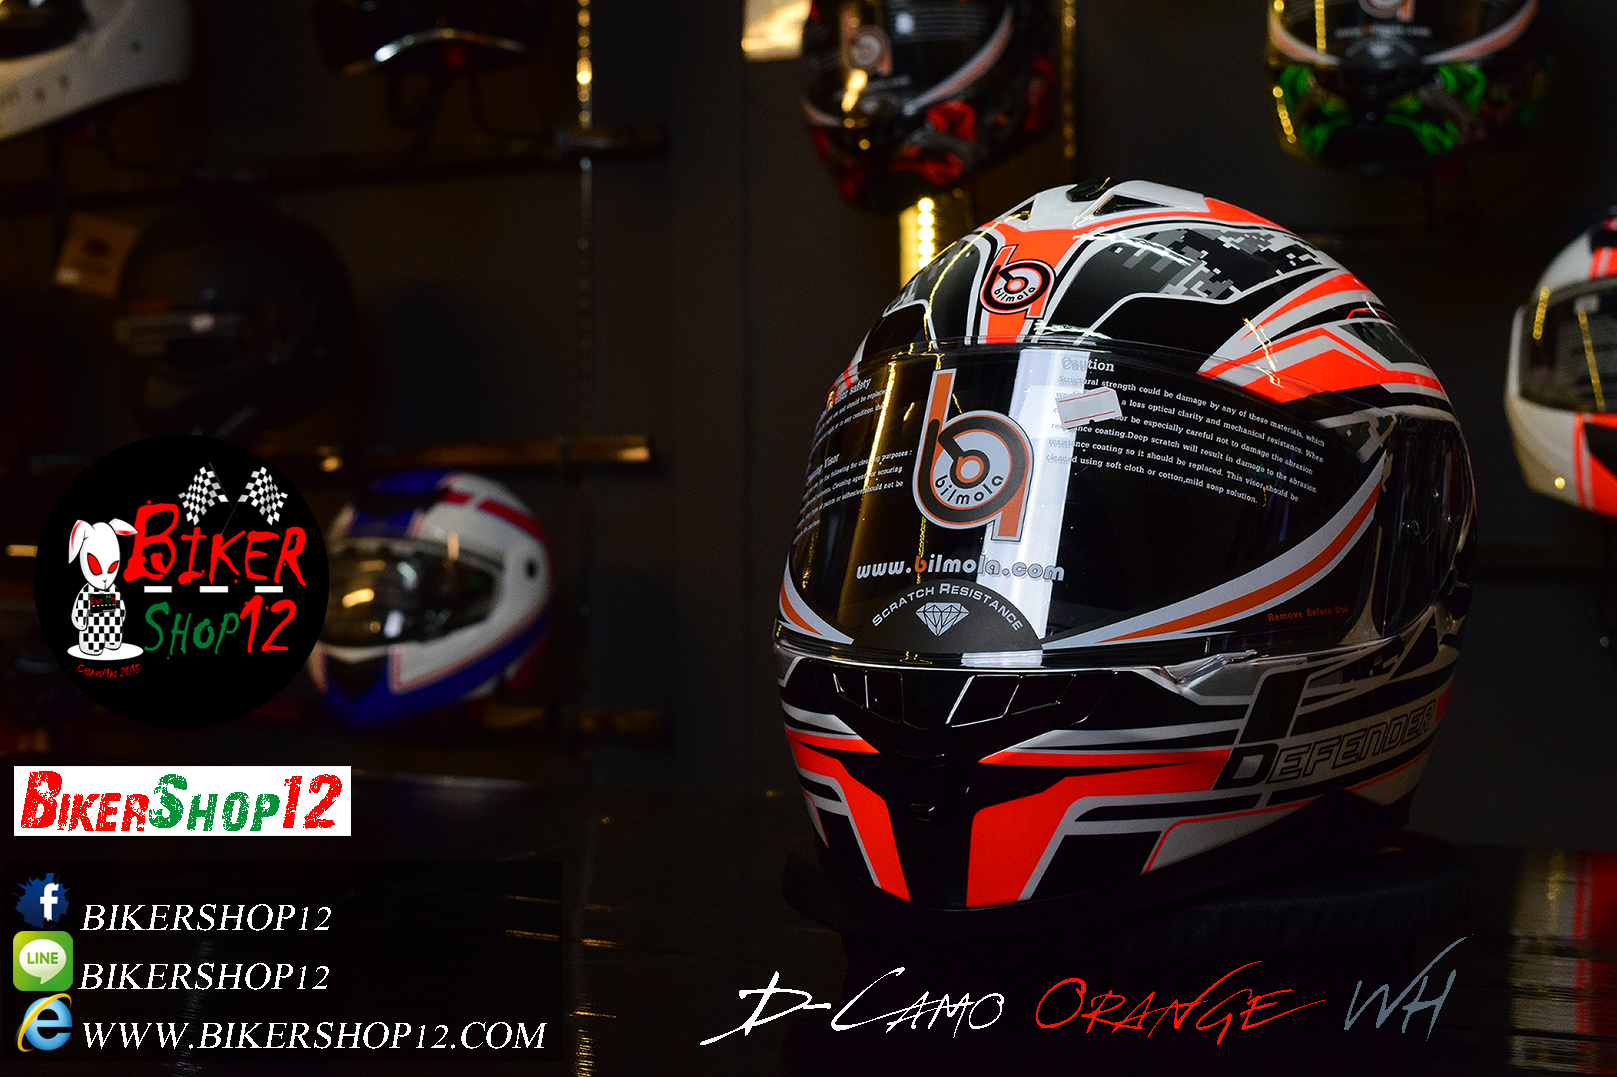 หมวกกันน็อคBilmola Defender D-Camo Orange WH